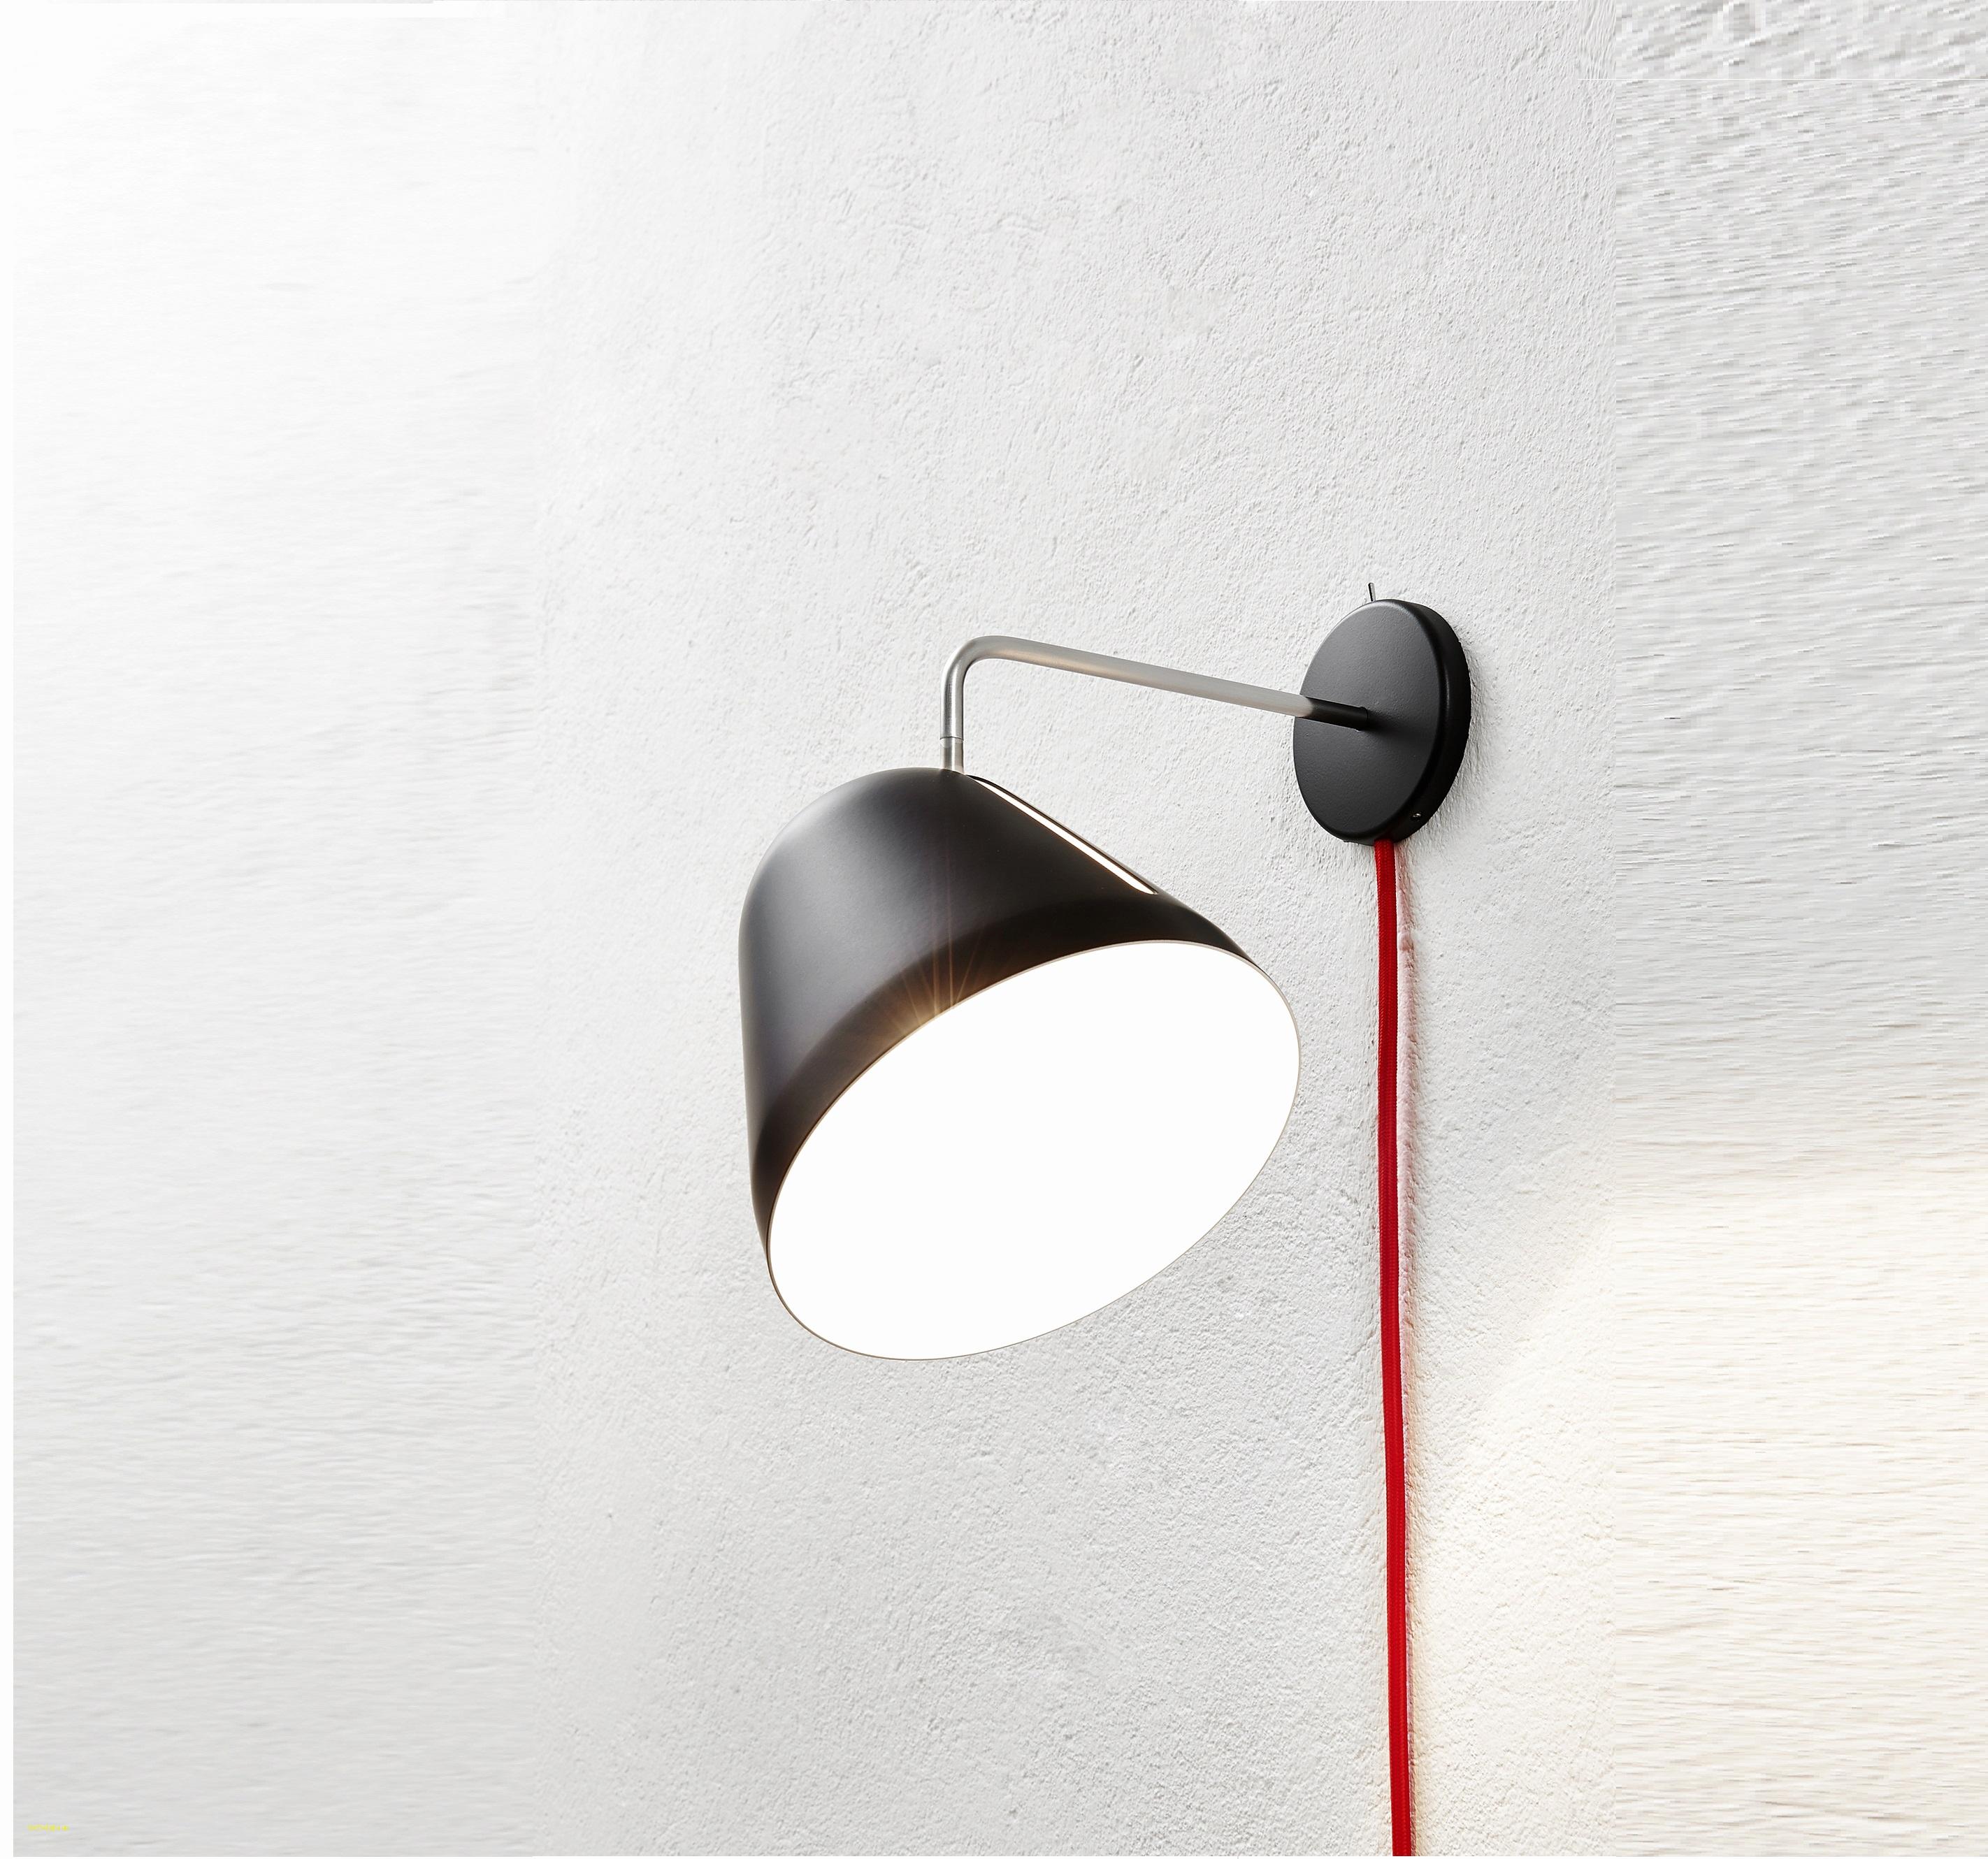 Applique Avec Cordelette Idée Maison Luminaire Et Murale De Lampe OPZikXuT